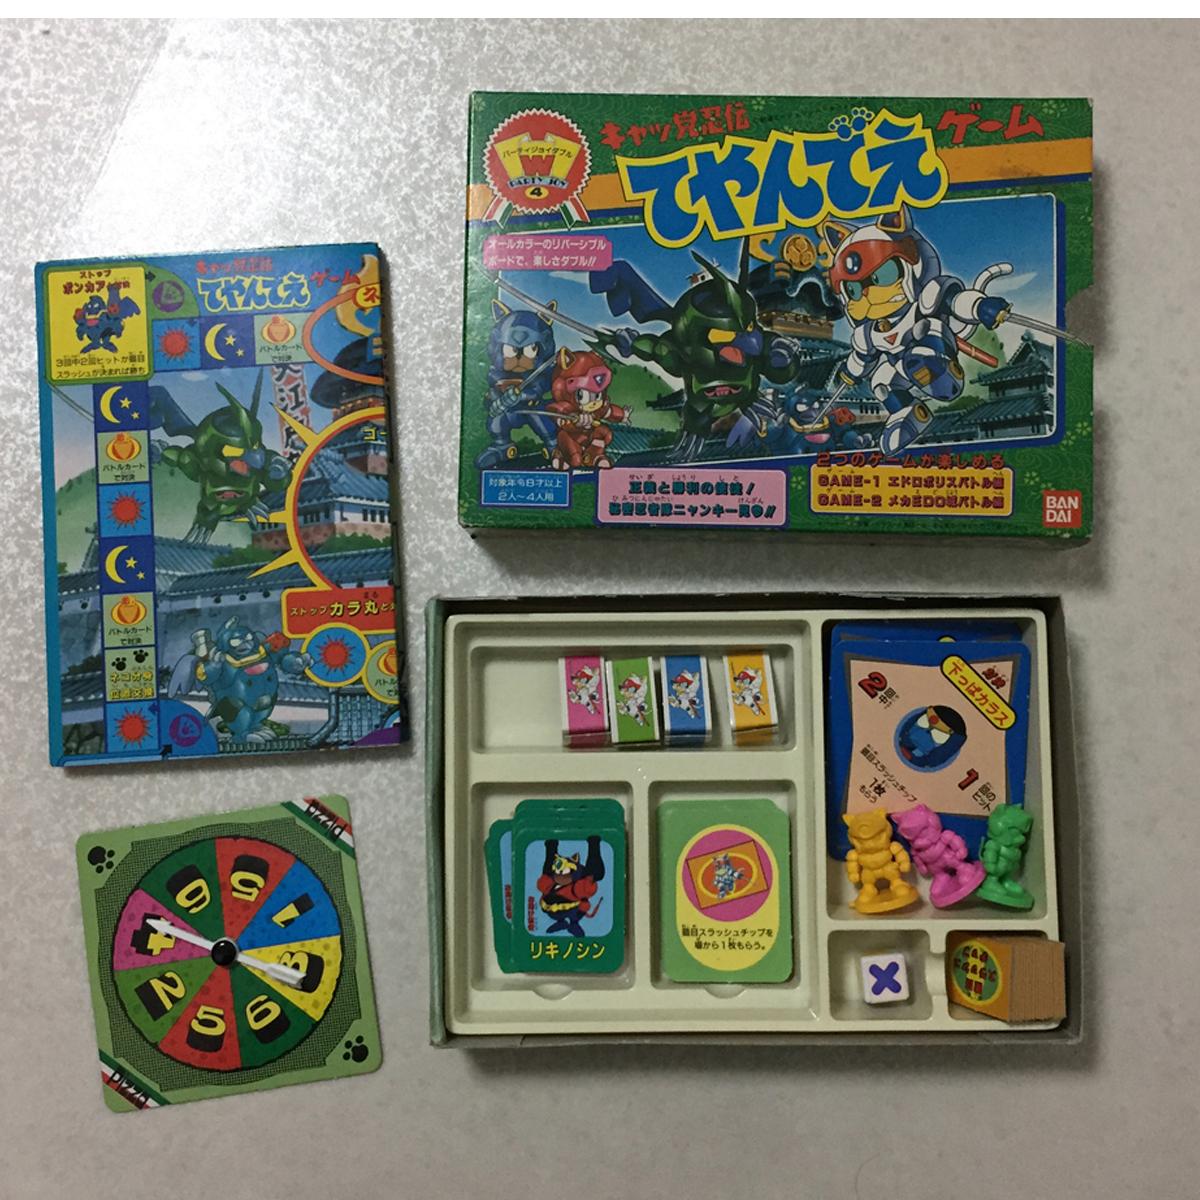 バンダイ キャッ党忍伝てやんでえ パーティジョイ Samurai Pizza Cats ボードゲーム パーティージョイ Board Games_画像3